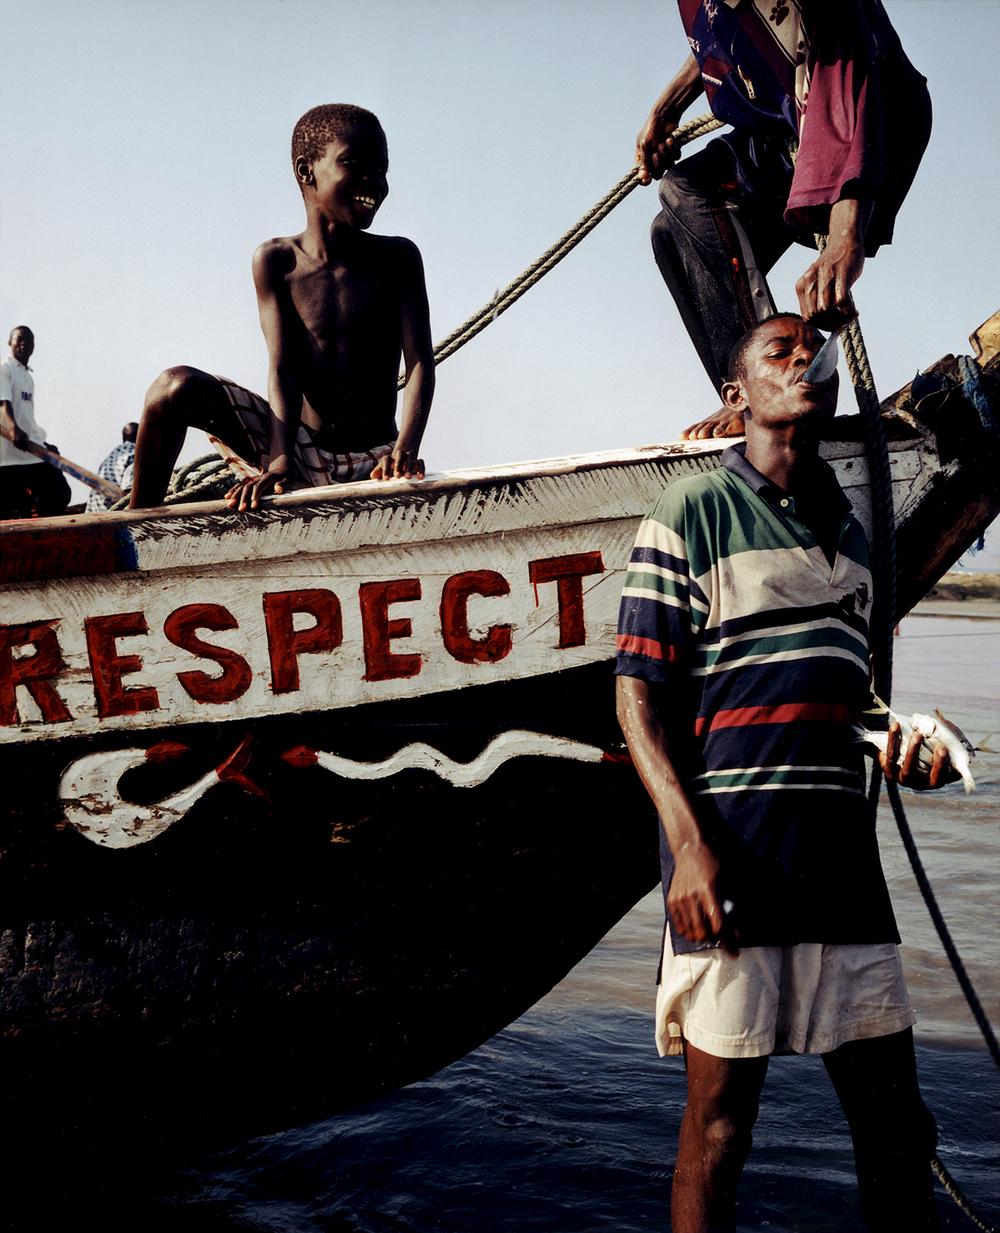 Respect, Ghana